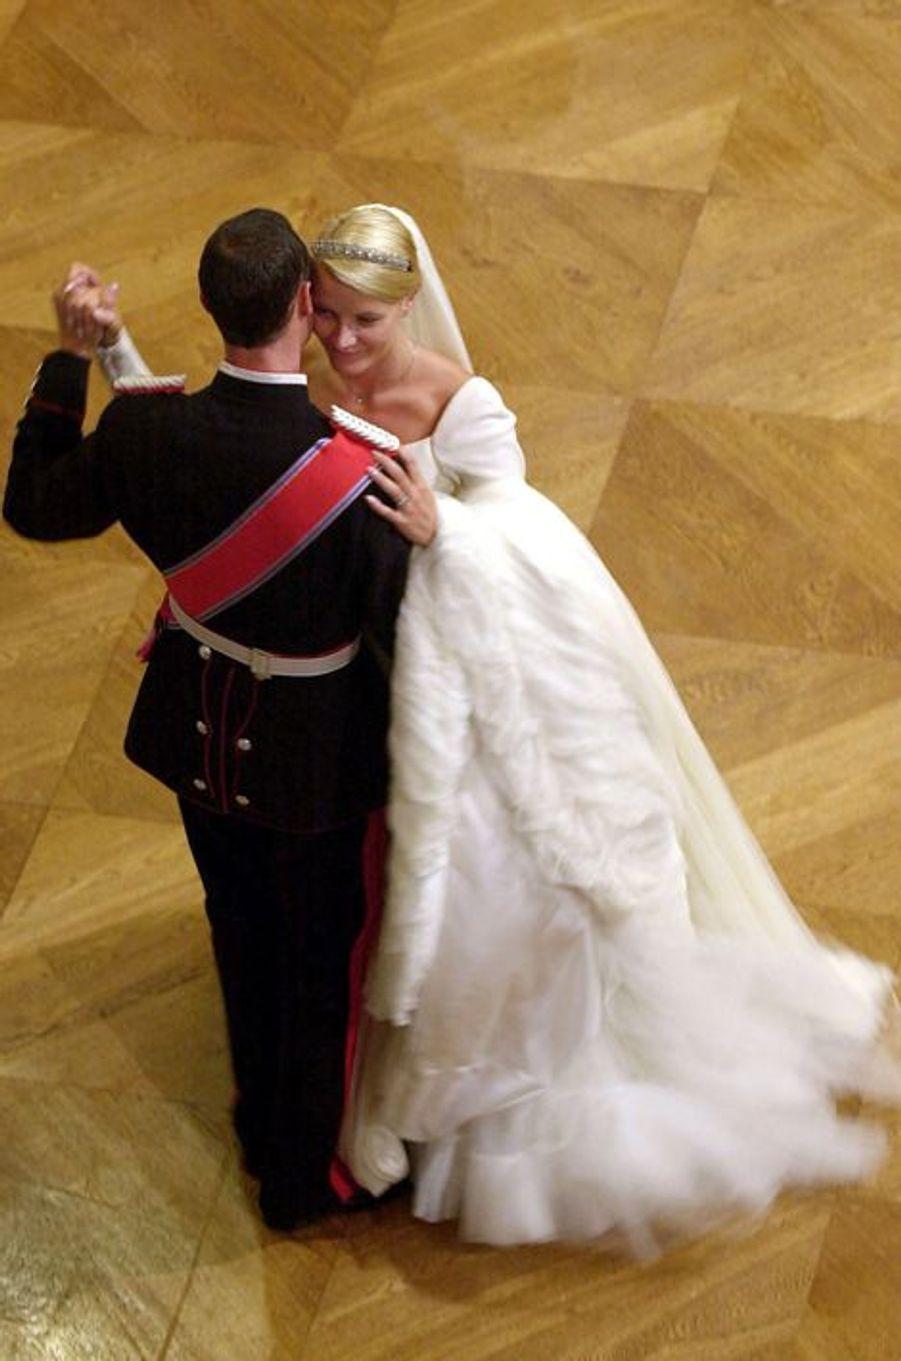 Mette-Marit épouse le prince Haakon de Norvège le 25 août 2001